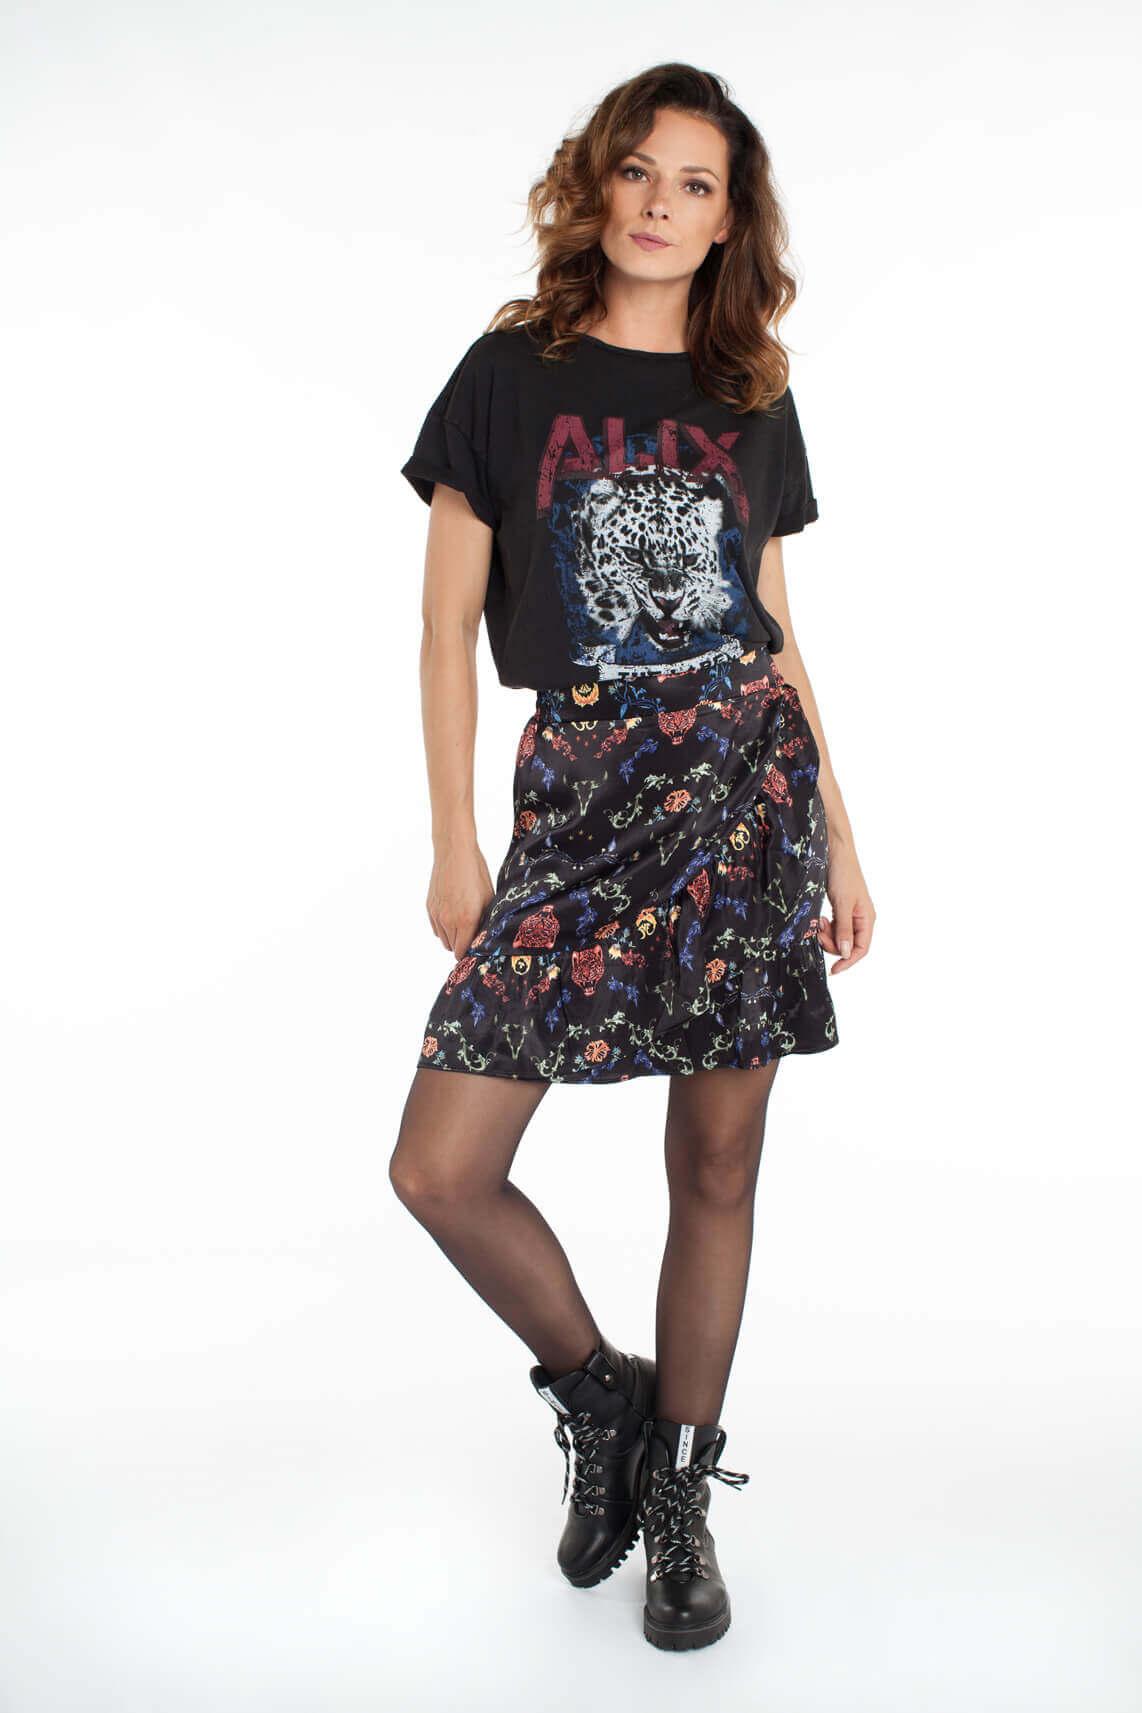 Alix The Label Dames Shirt met opdruk zwart